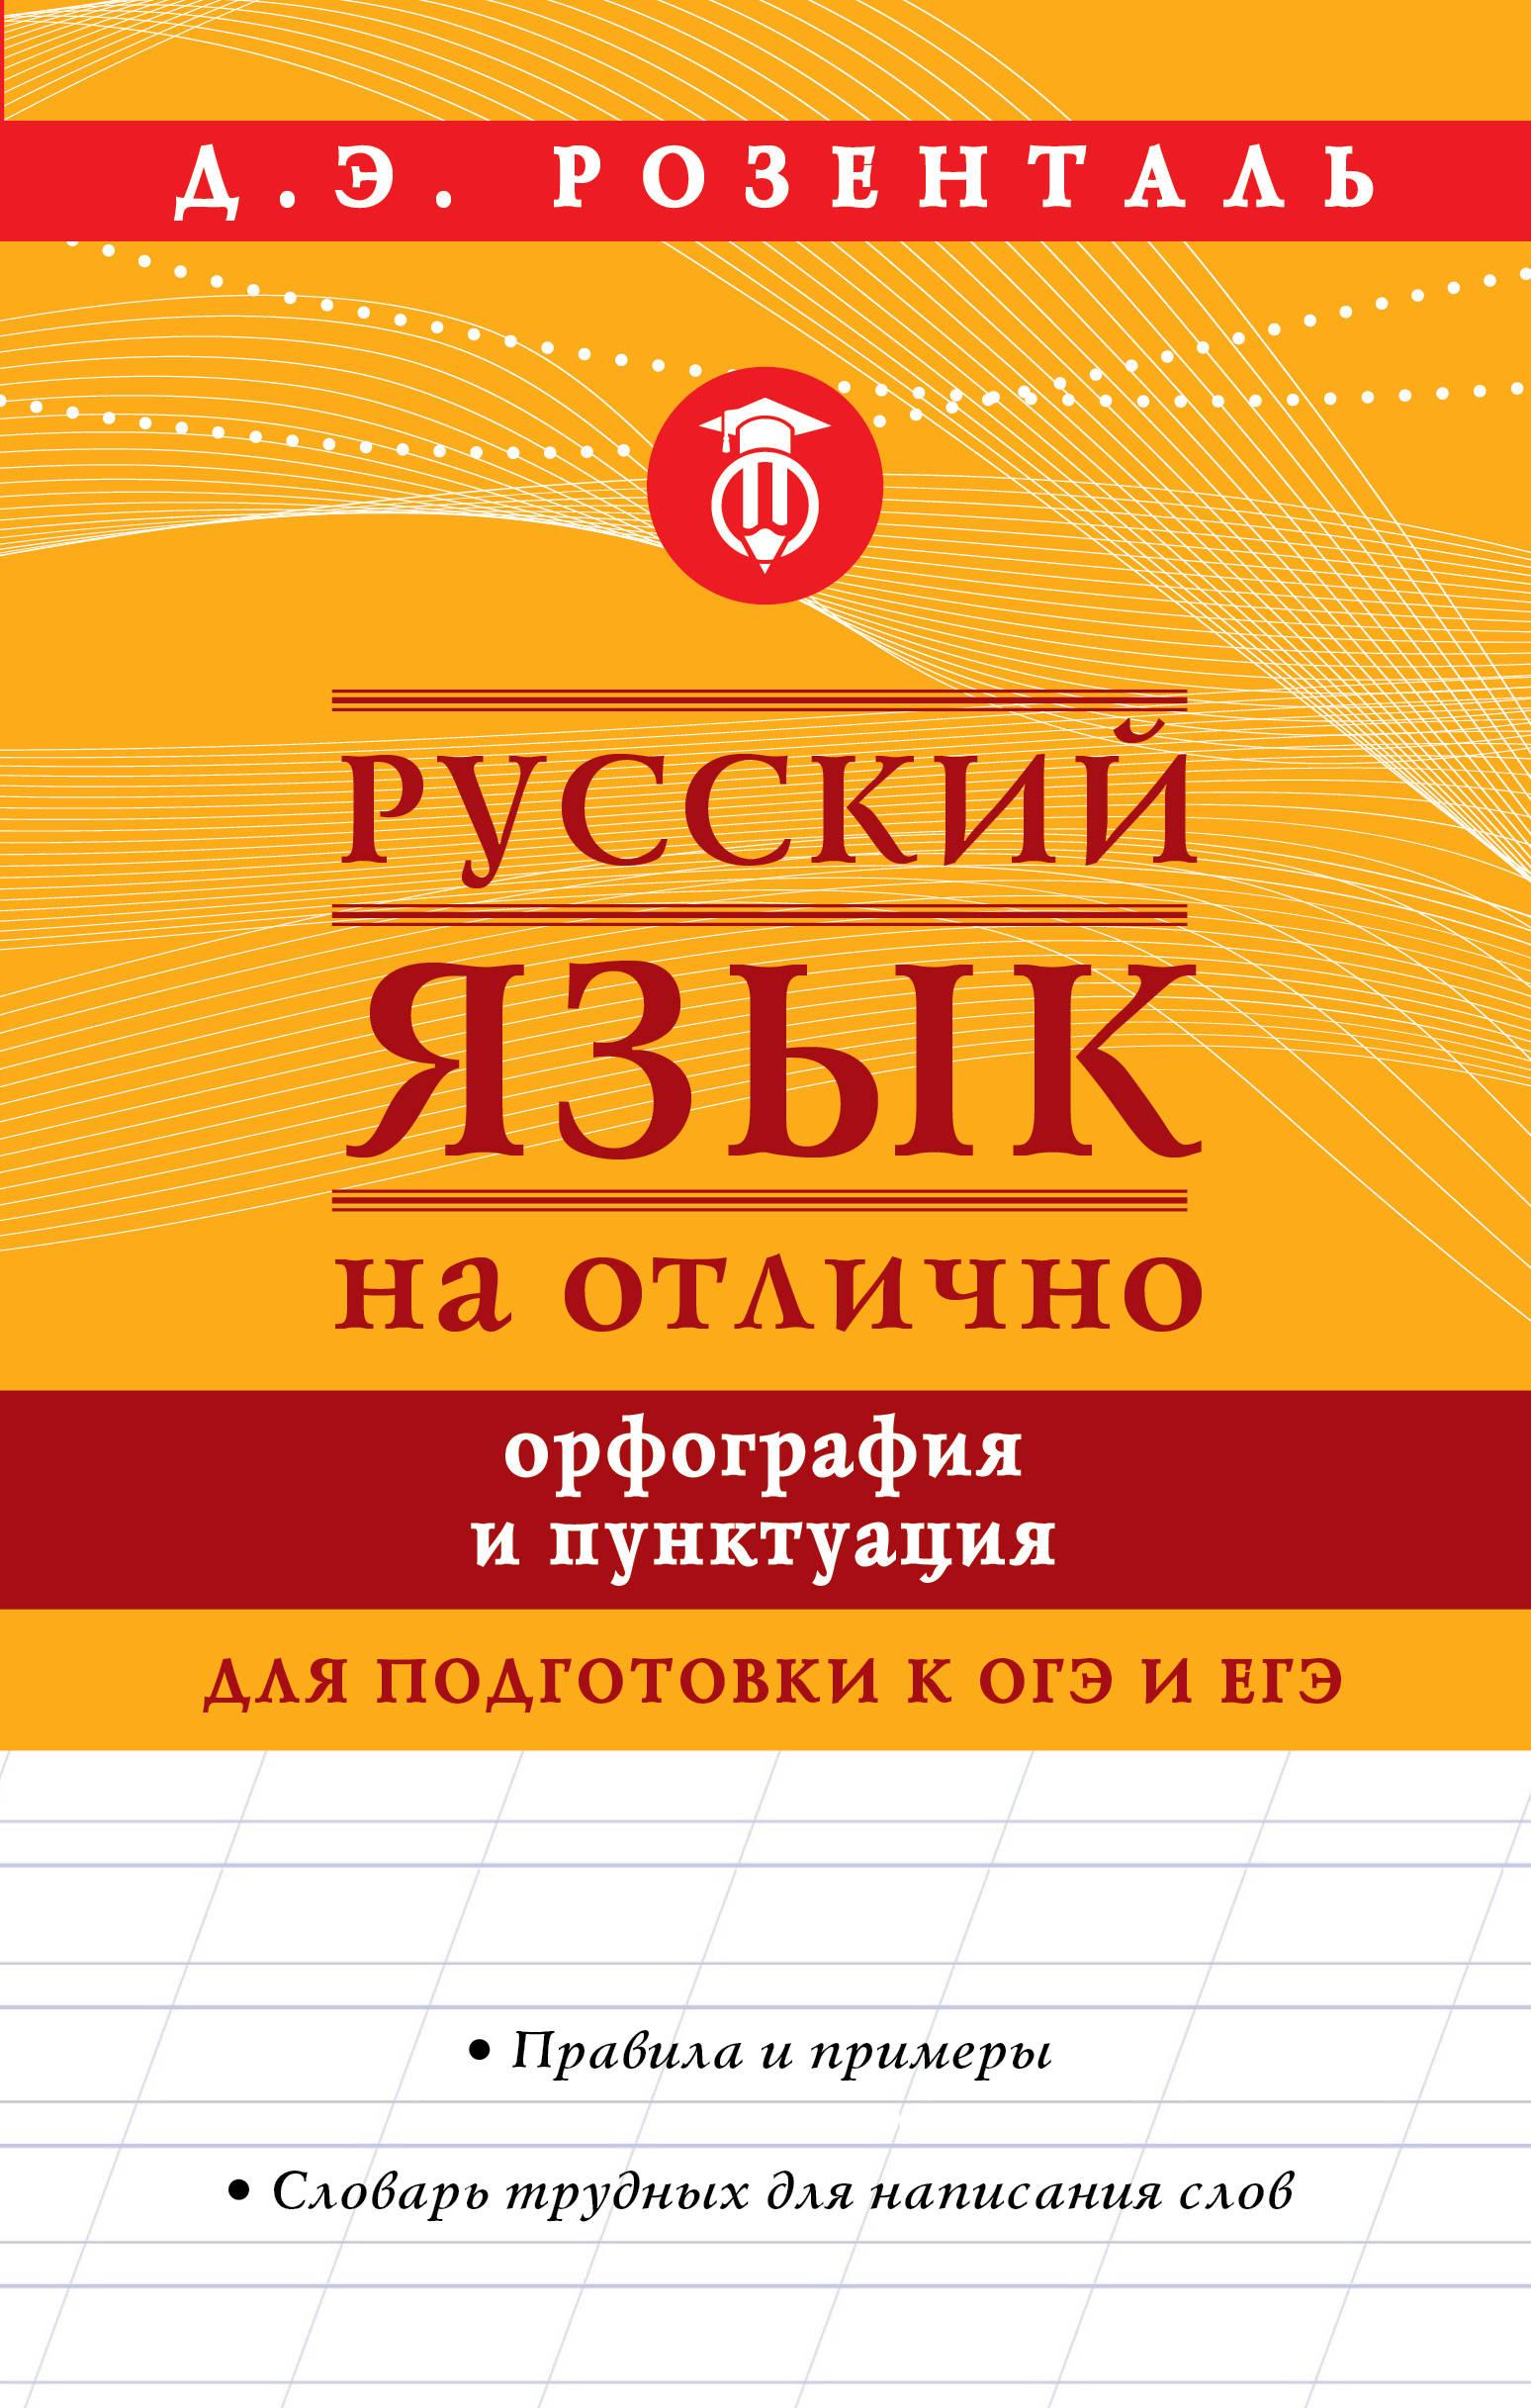 Розенталь Д.Э. Русский язык на отлично. Орфография и пунктуация